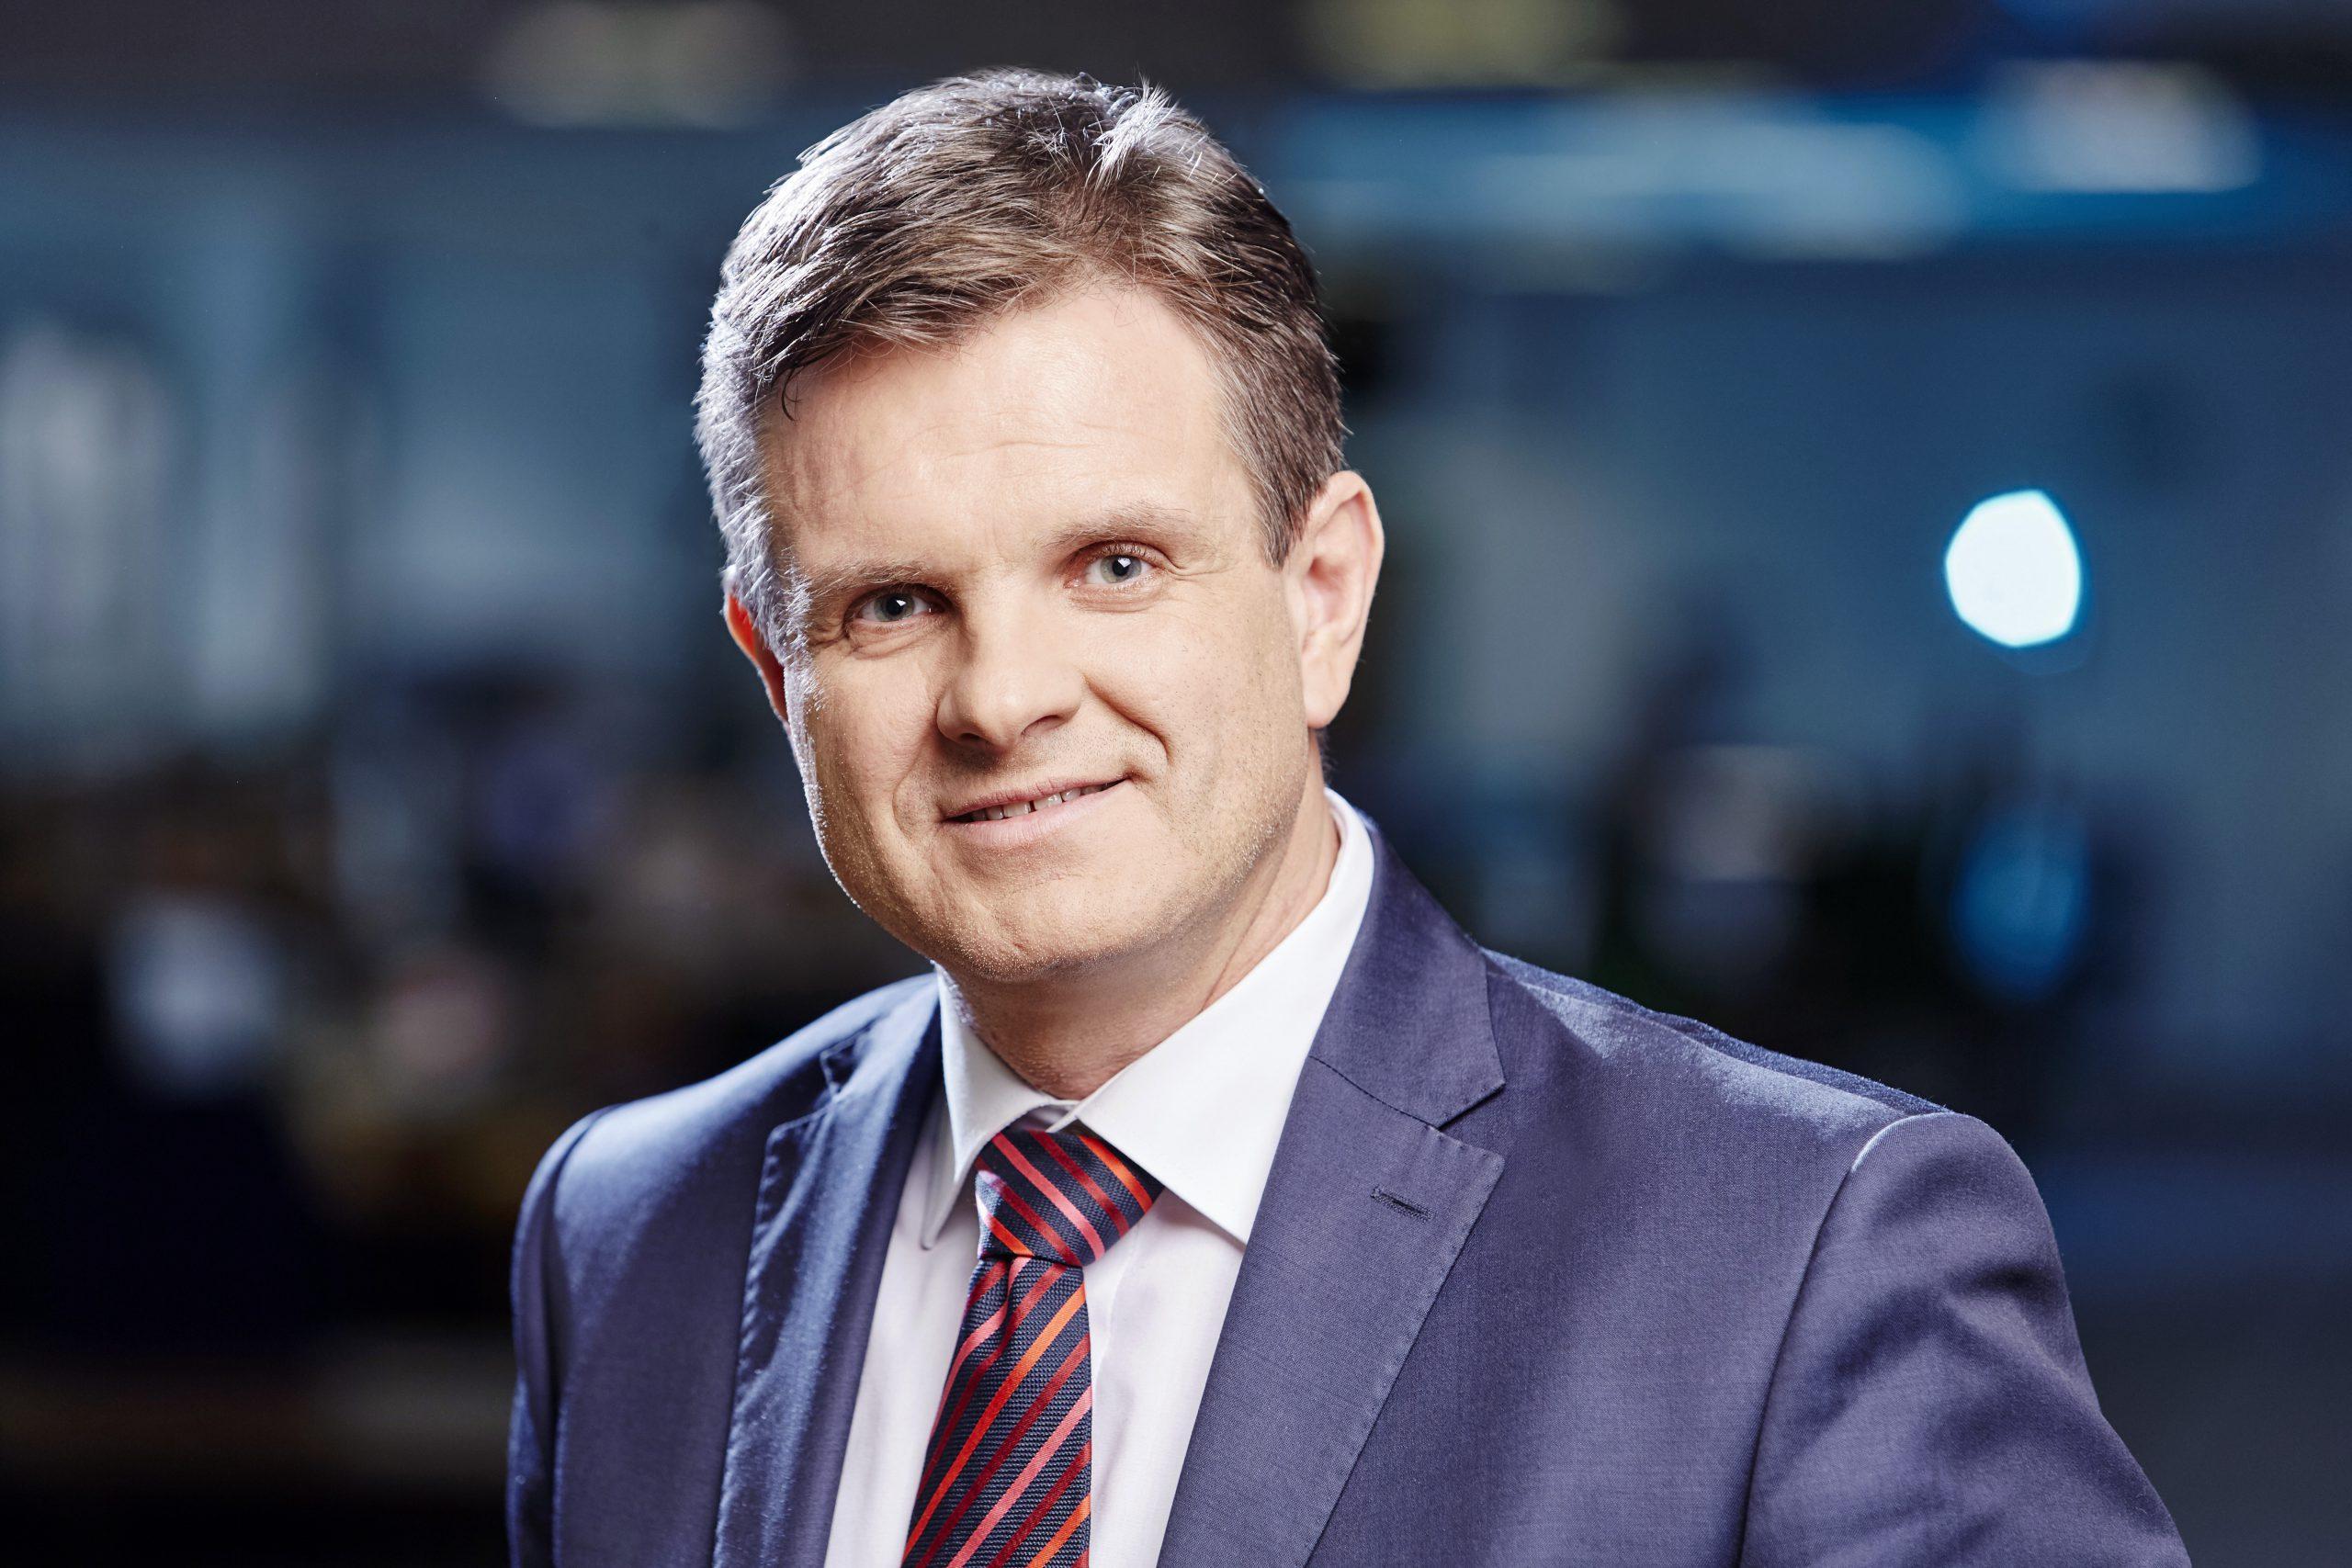 Andrzej Odzioba, Dyrektor sprzedaży w firmie McCormick Polska S.A.